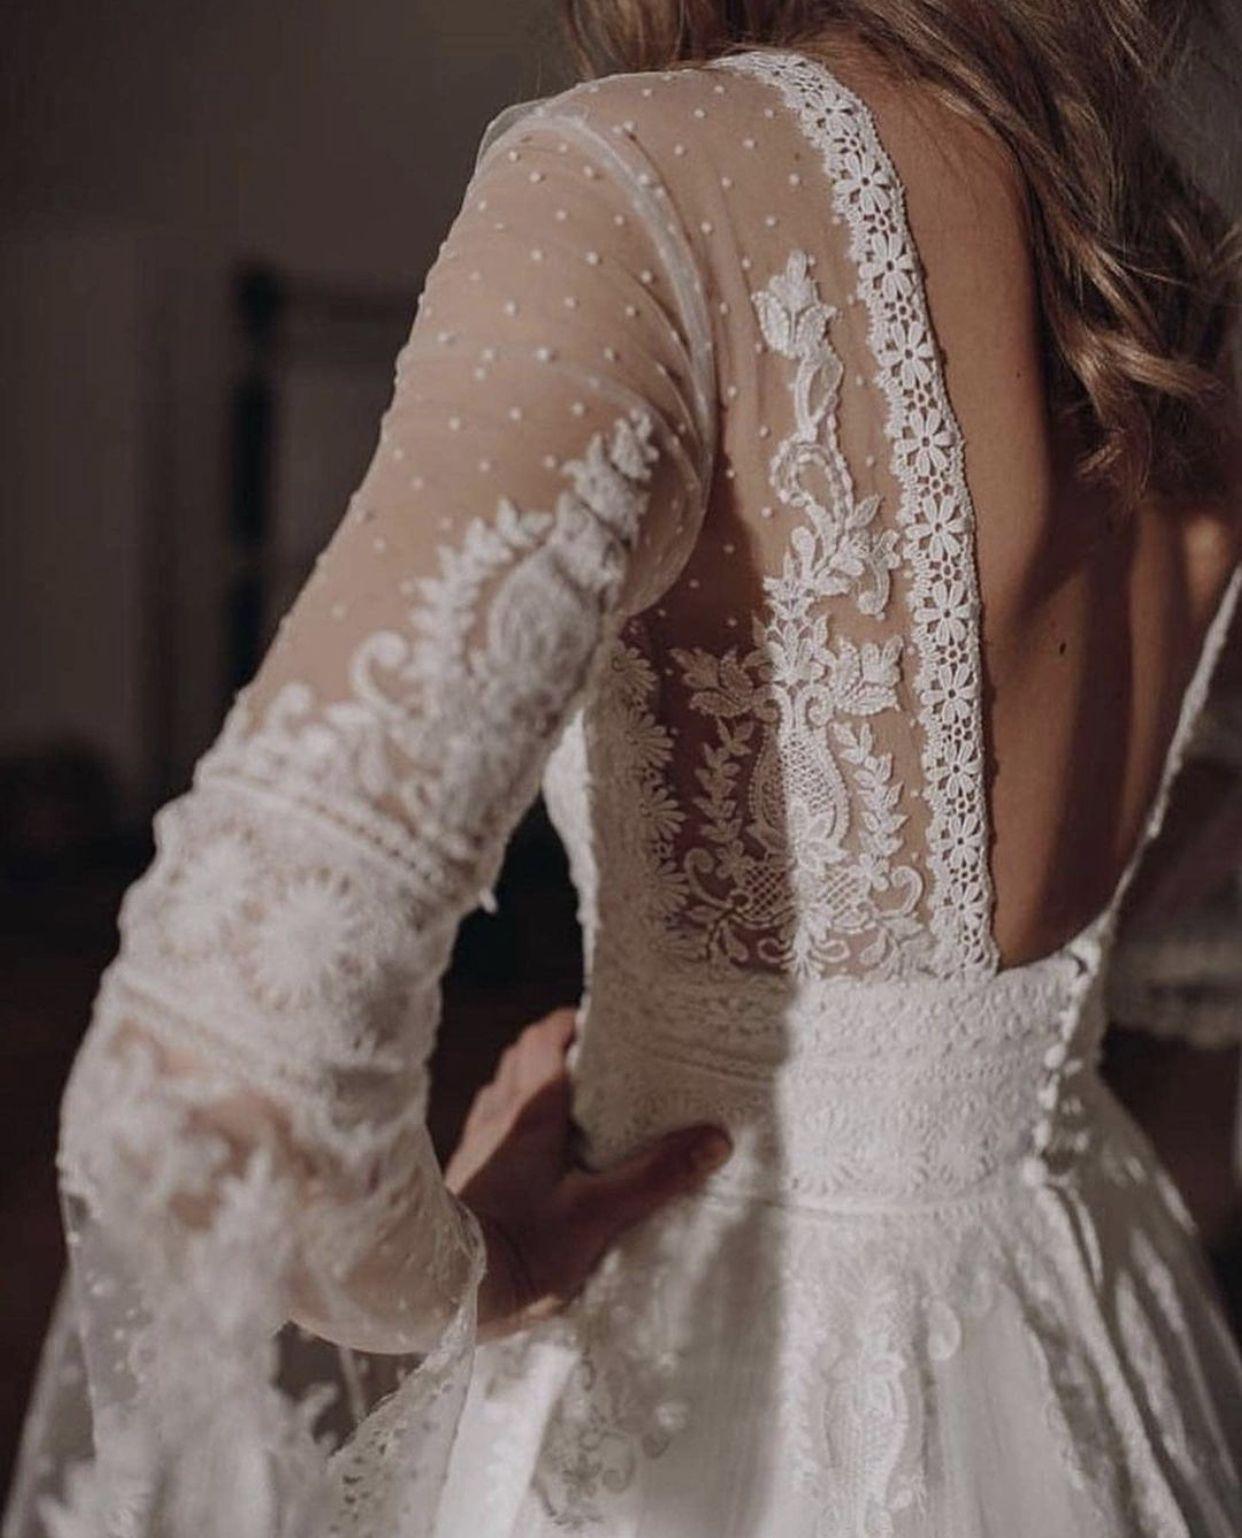 Pin by Emily Brinkmann on Wedding story board in 20   Wedding ...